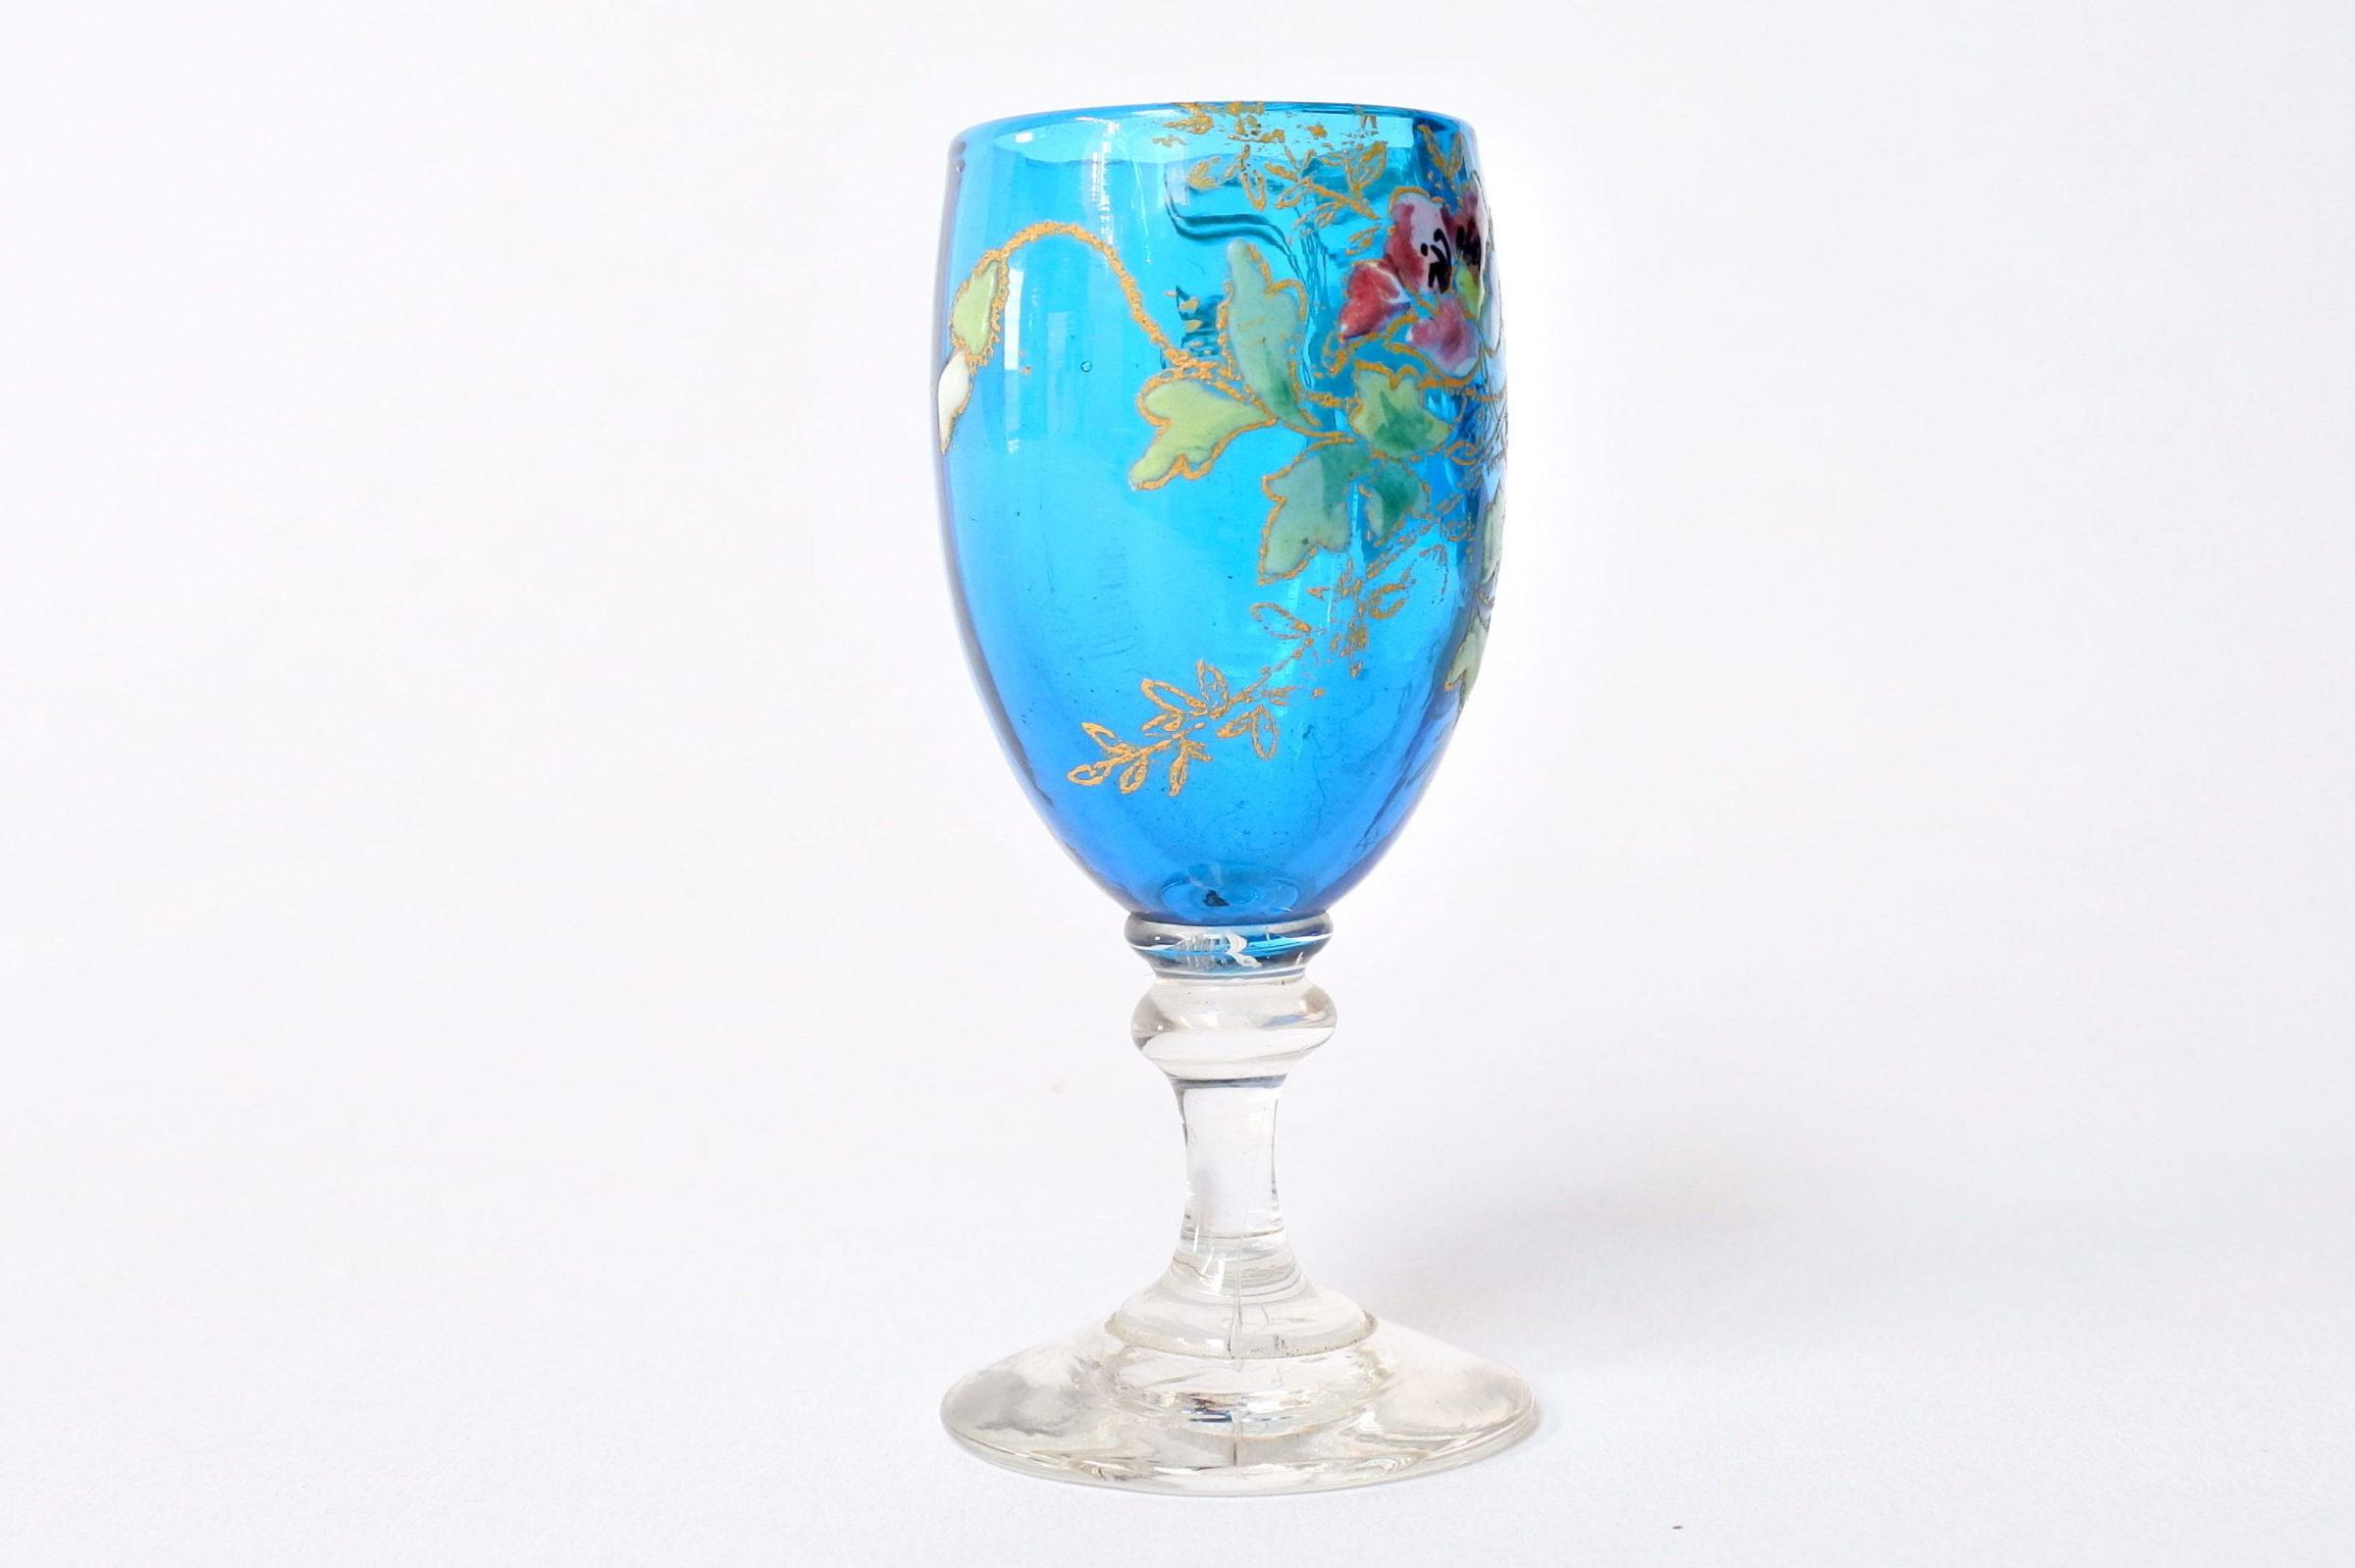 6 bicchierini Legras a calice in vetro soffiato con rami di fiori smaltati - 7